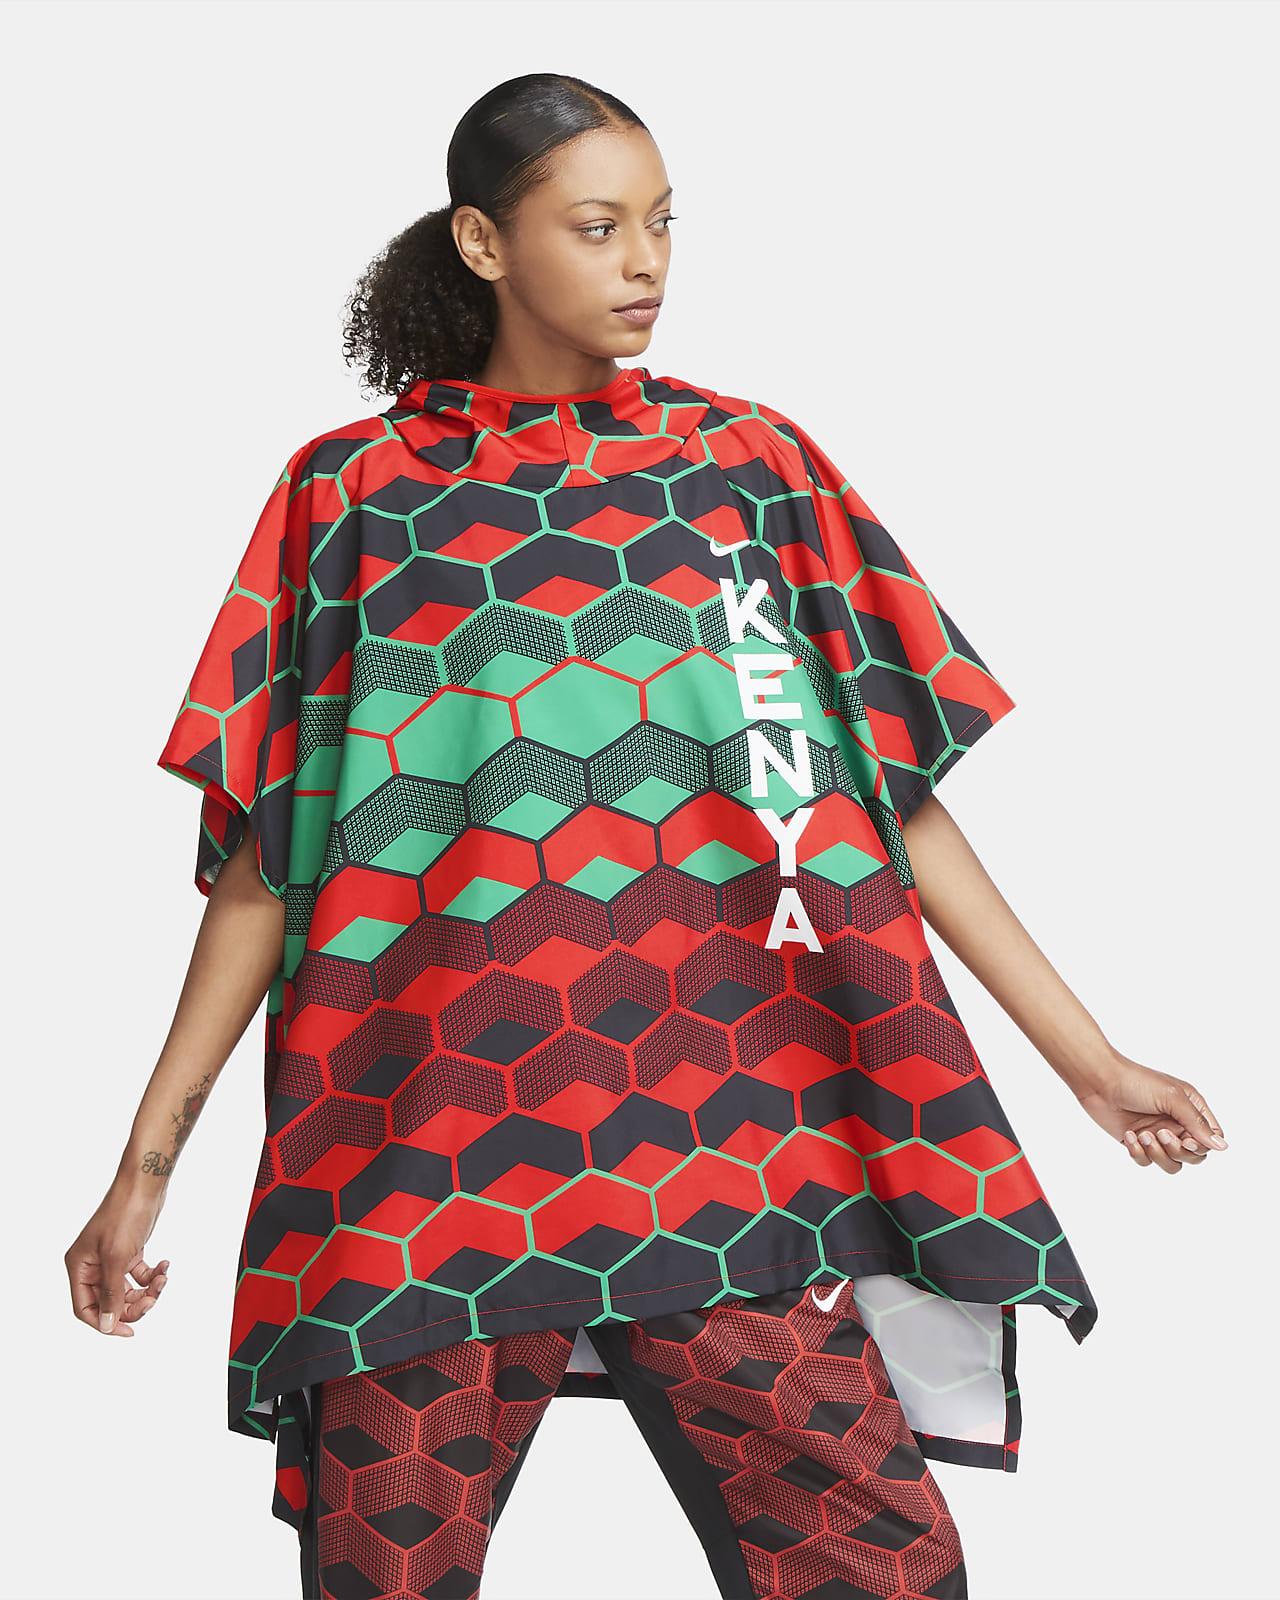 ナイキ チーム ケニア マラソナー ランニングジャケット